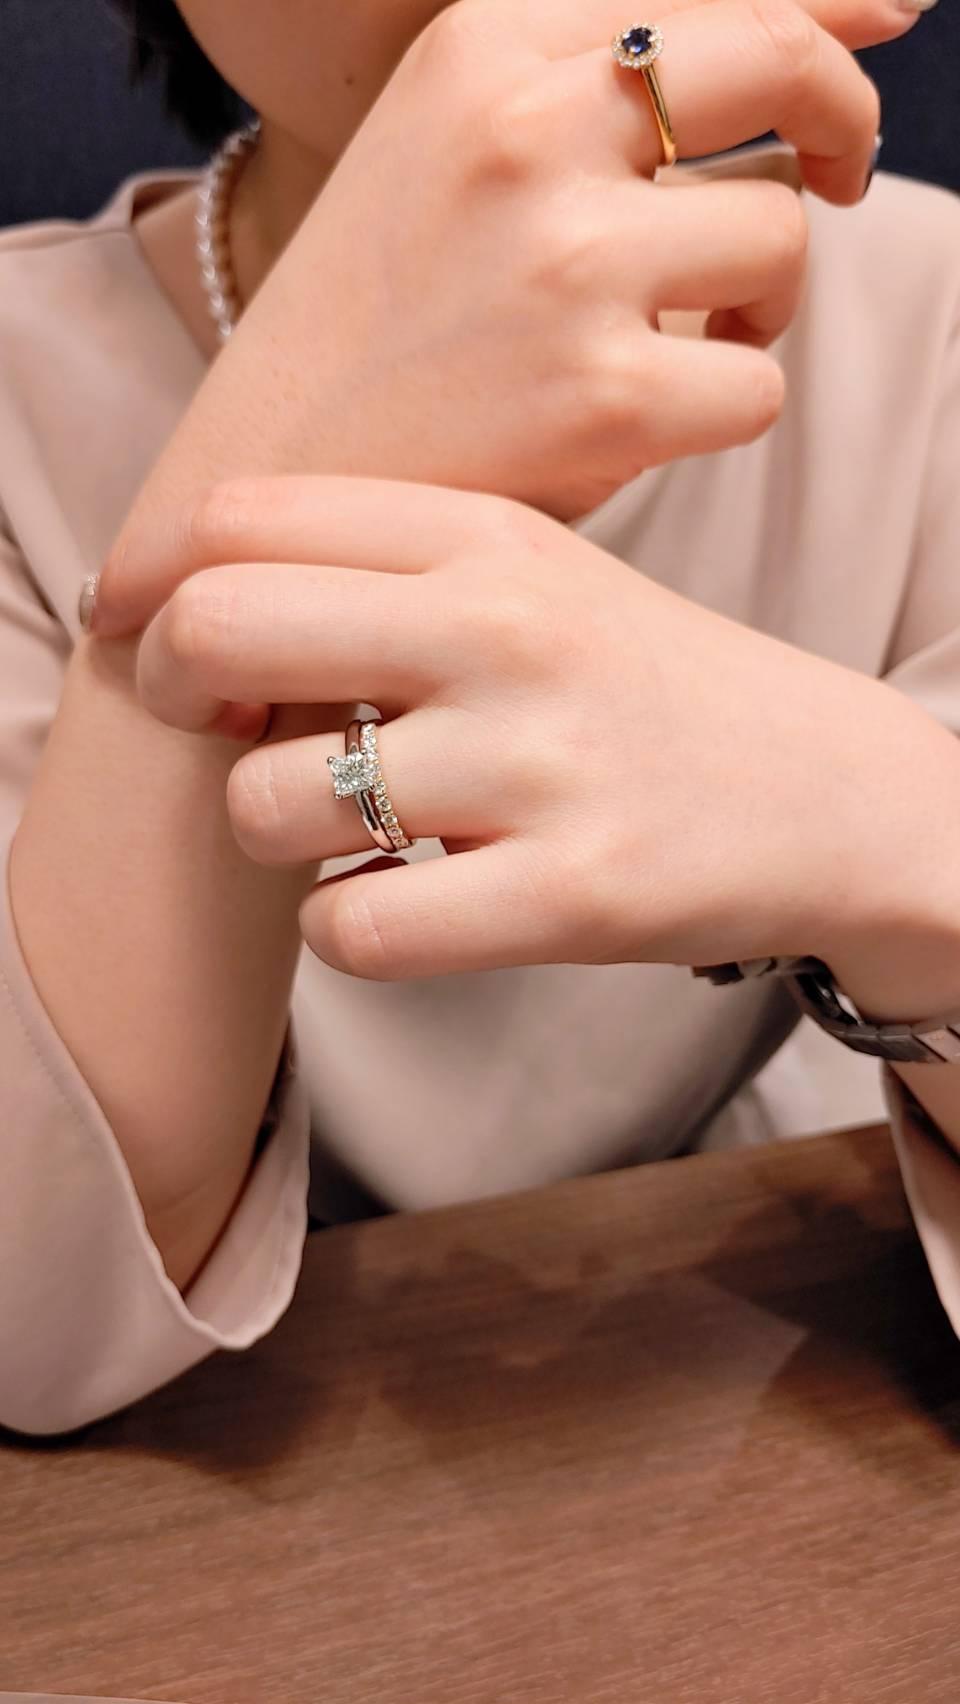 オシャレでかわいいプリンセスカットの婚約指輪